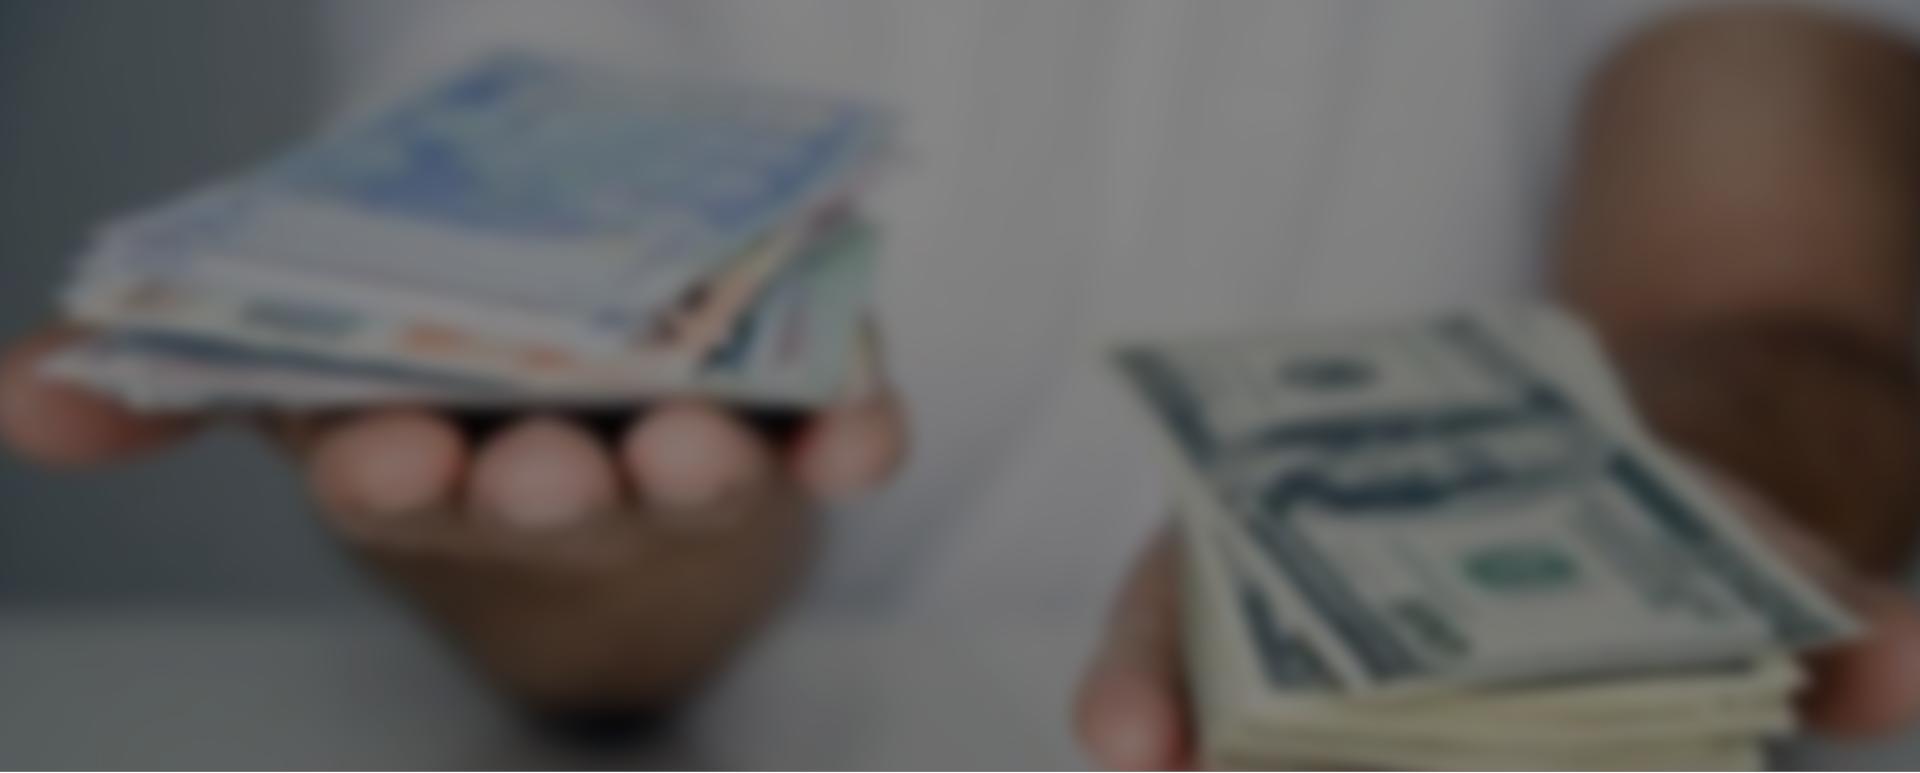 Московский кредитный банк самара официальный сайт